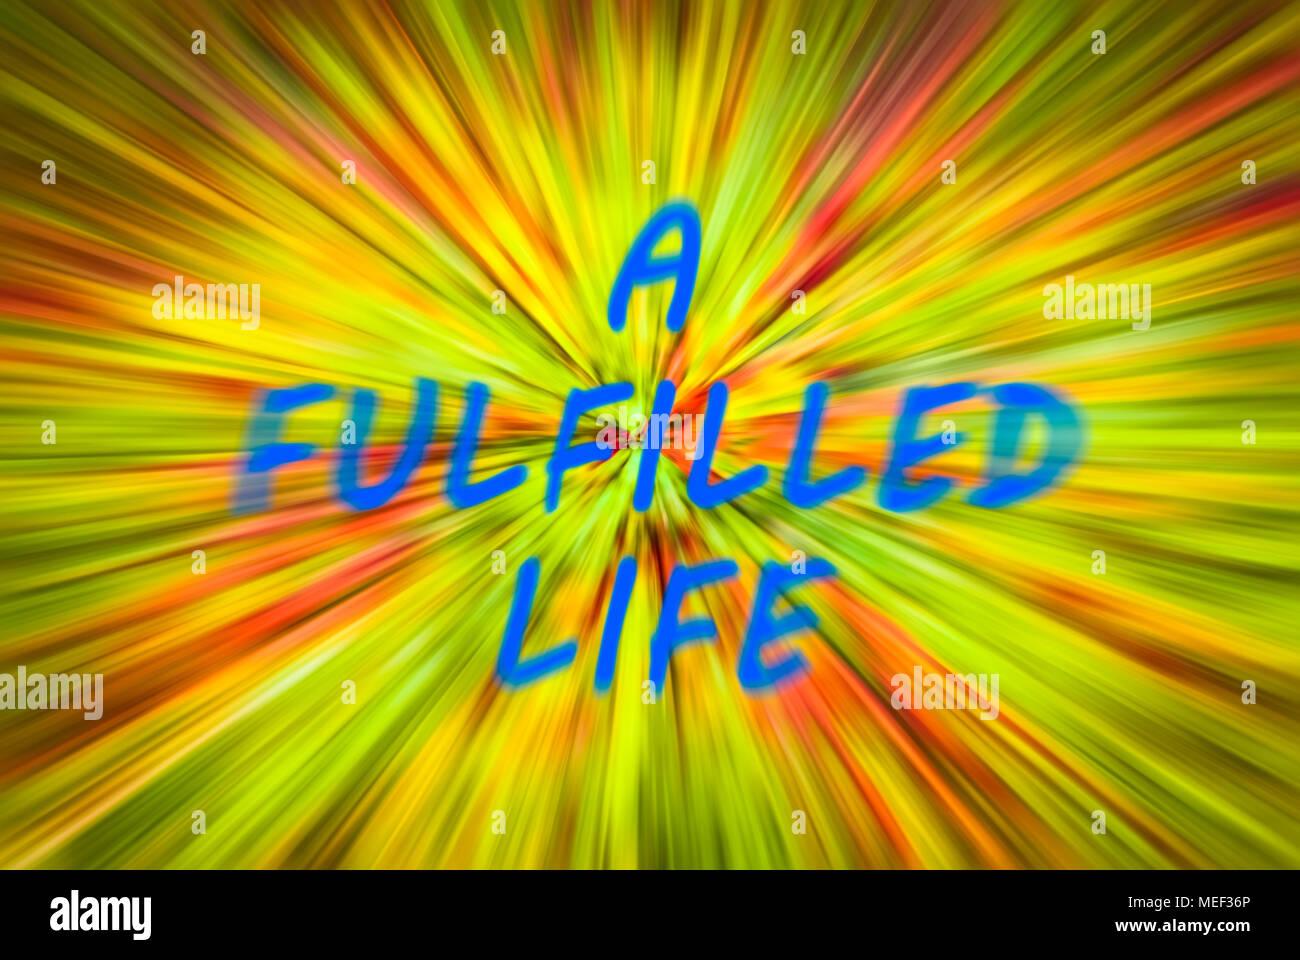 Una vita realizzata su una rapida Abstract Background. Immagini Stock